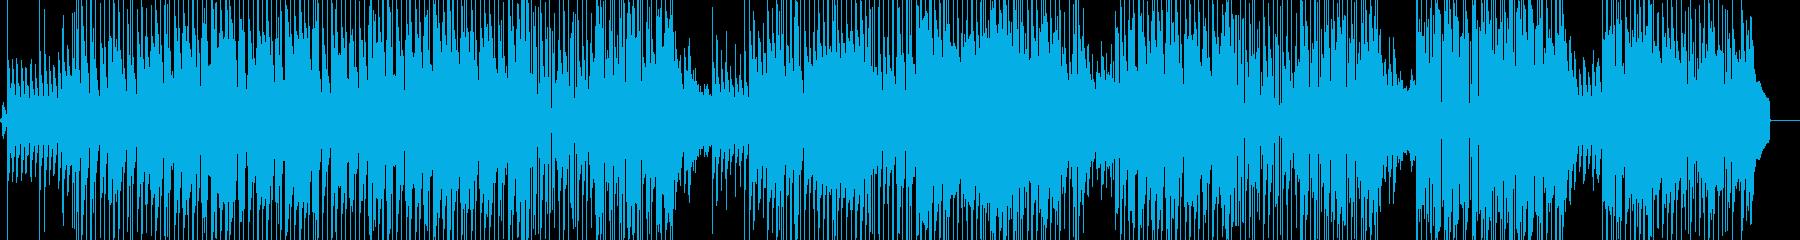 ほのぼの(*˘︶˘*)なポップスの再生済みの波形